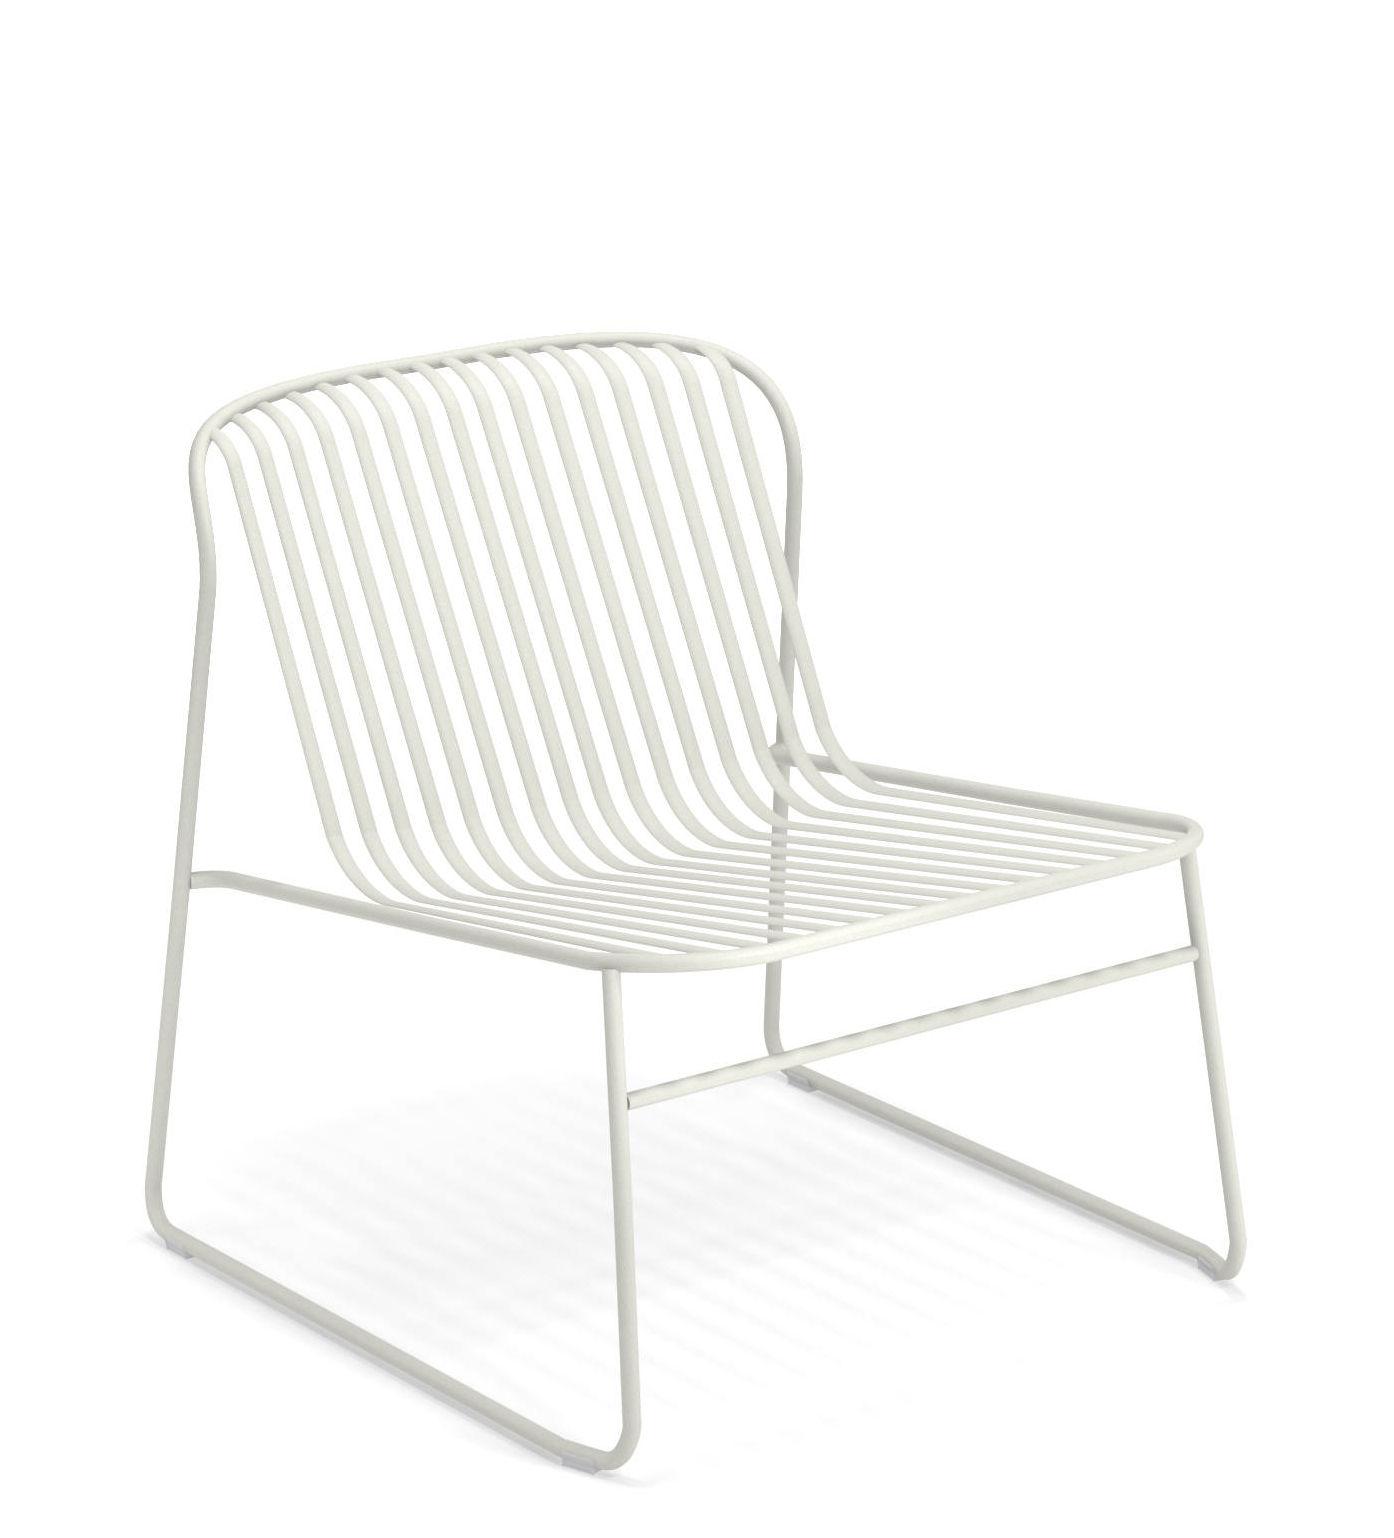 Arredamento - Poltrone design  - Poltroncina Riviera - / Metallo di Emu - Bianco - Acciaio verniciato